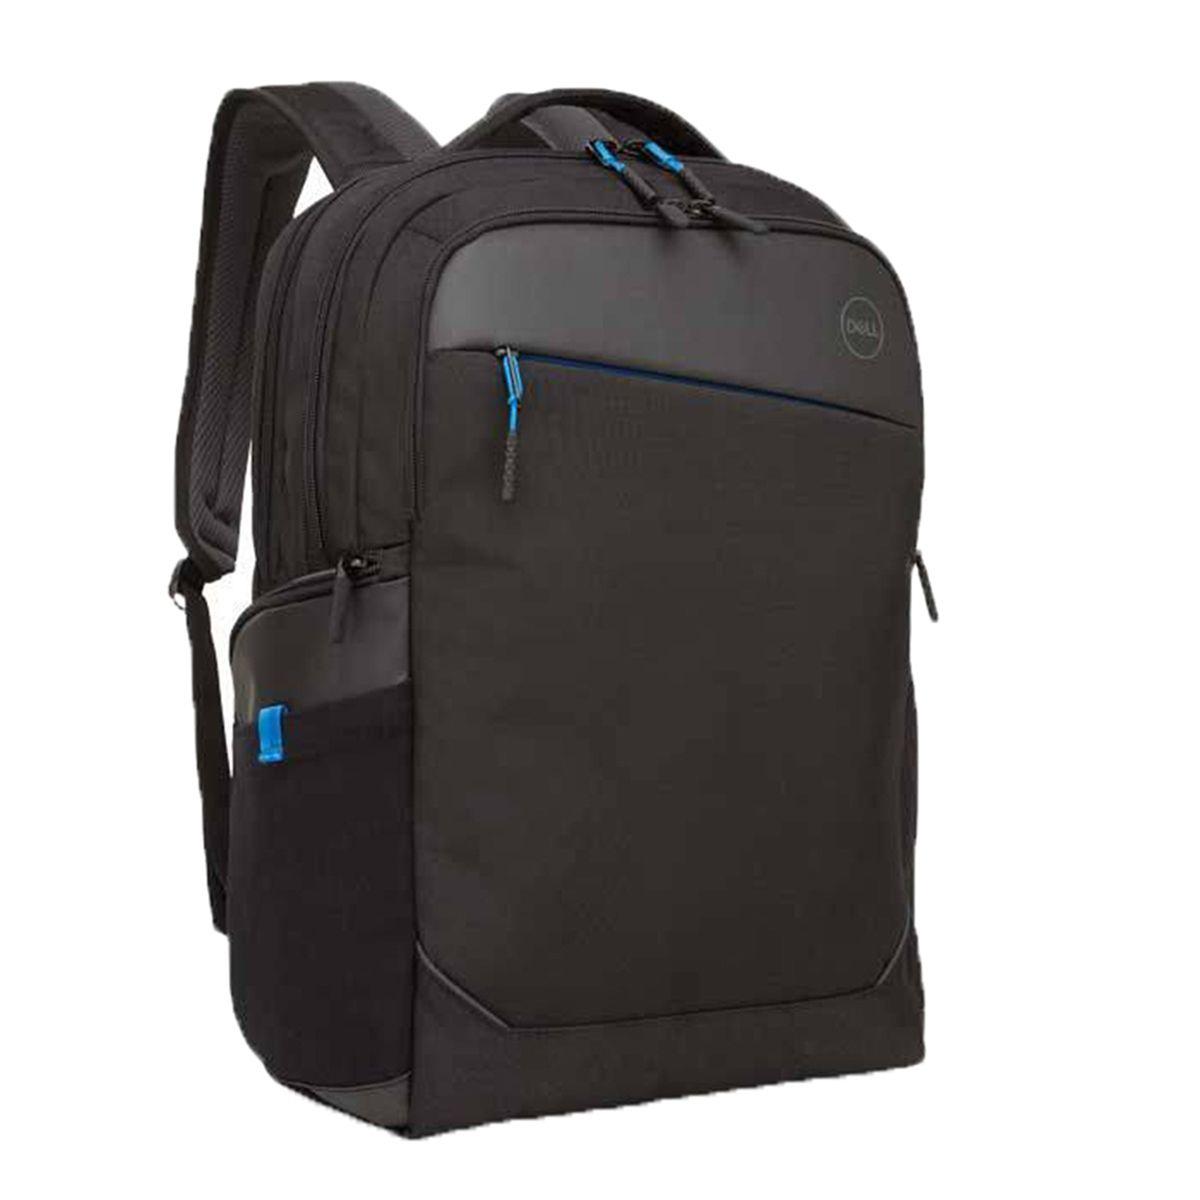 Mochila Para Notebook Dell Profissional 17 Poliester Preta